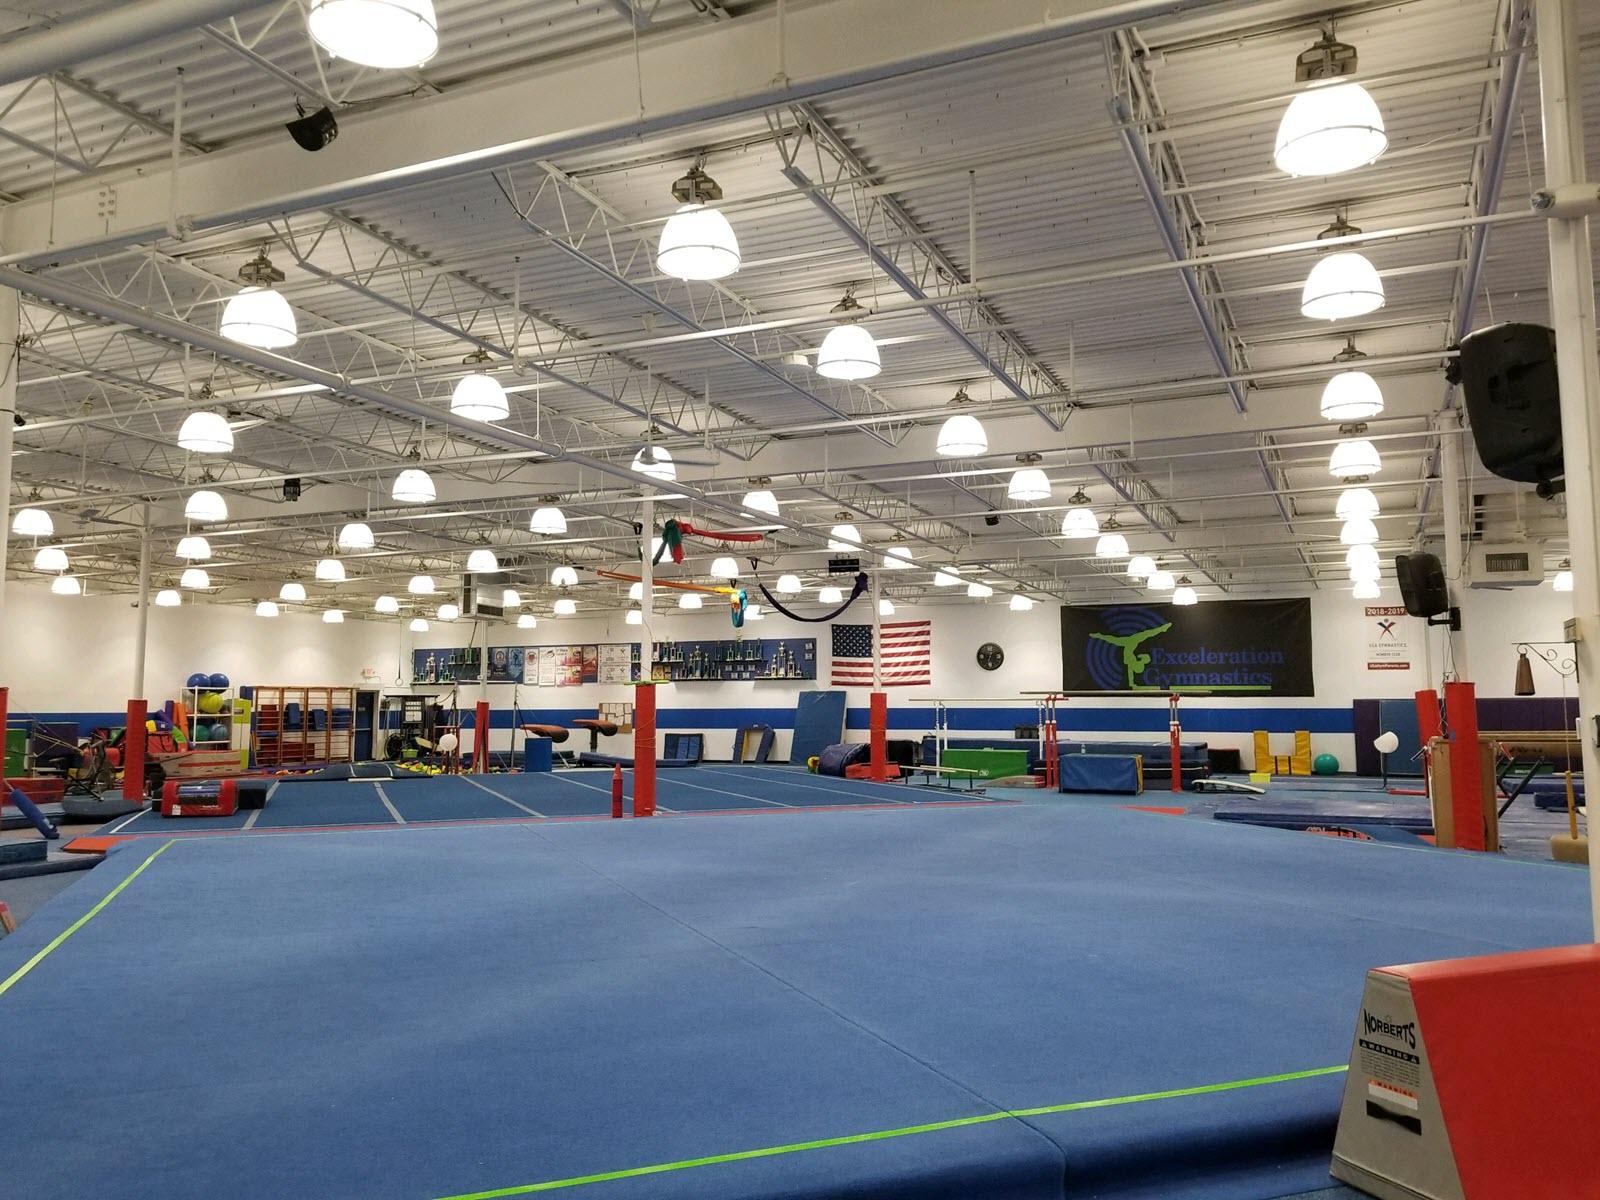 Exceleration Gymnastics Center